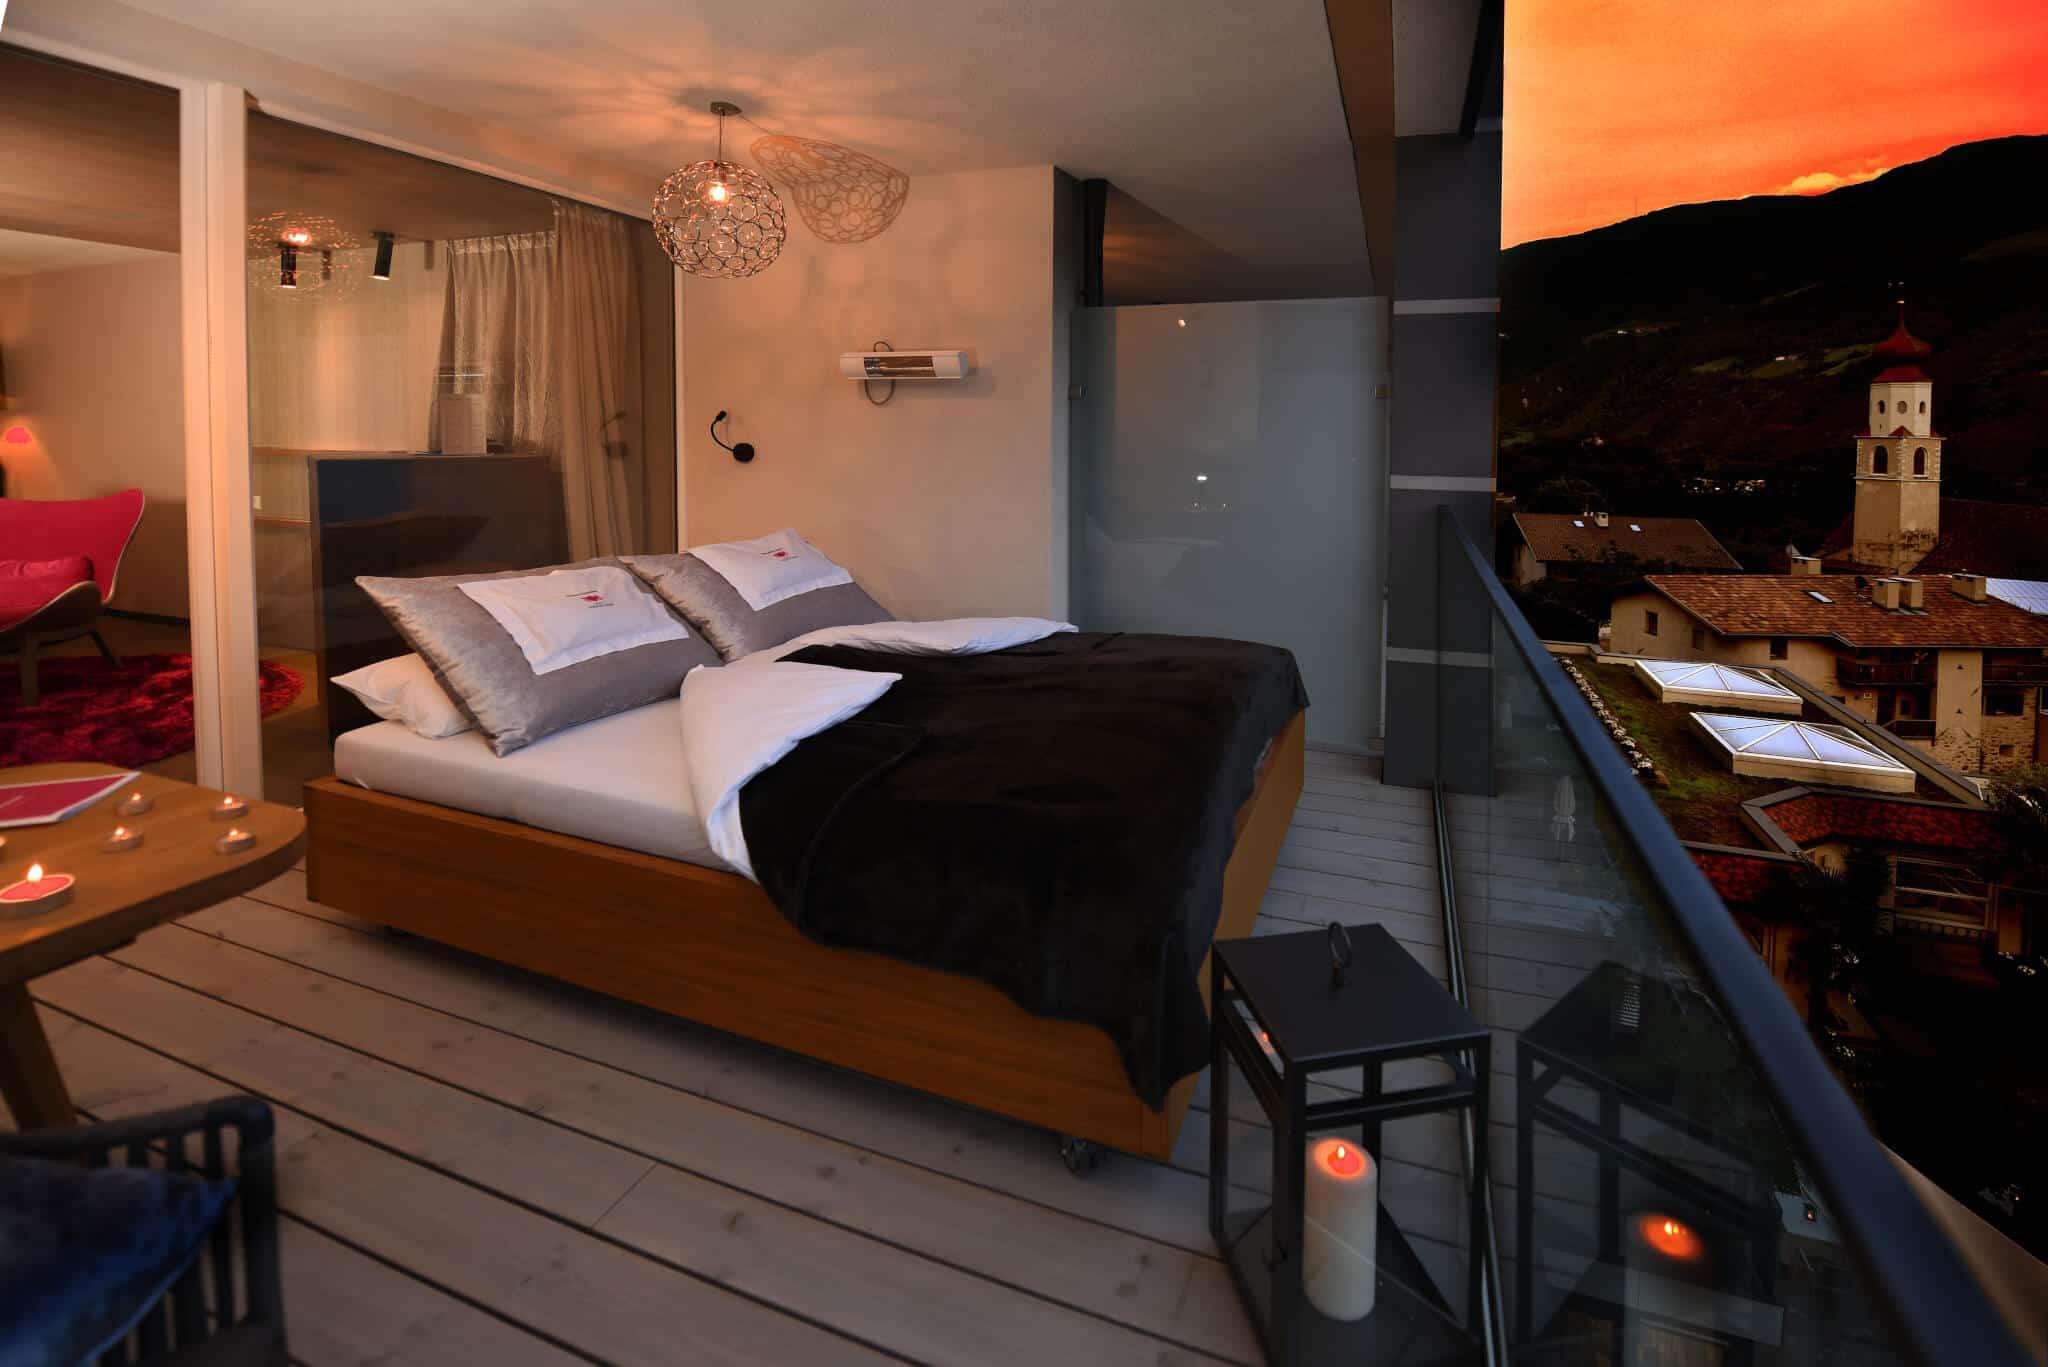 Mein Lieblingshotel zum Schlafen und Träumen